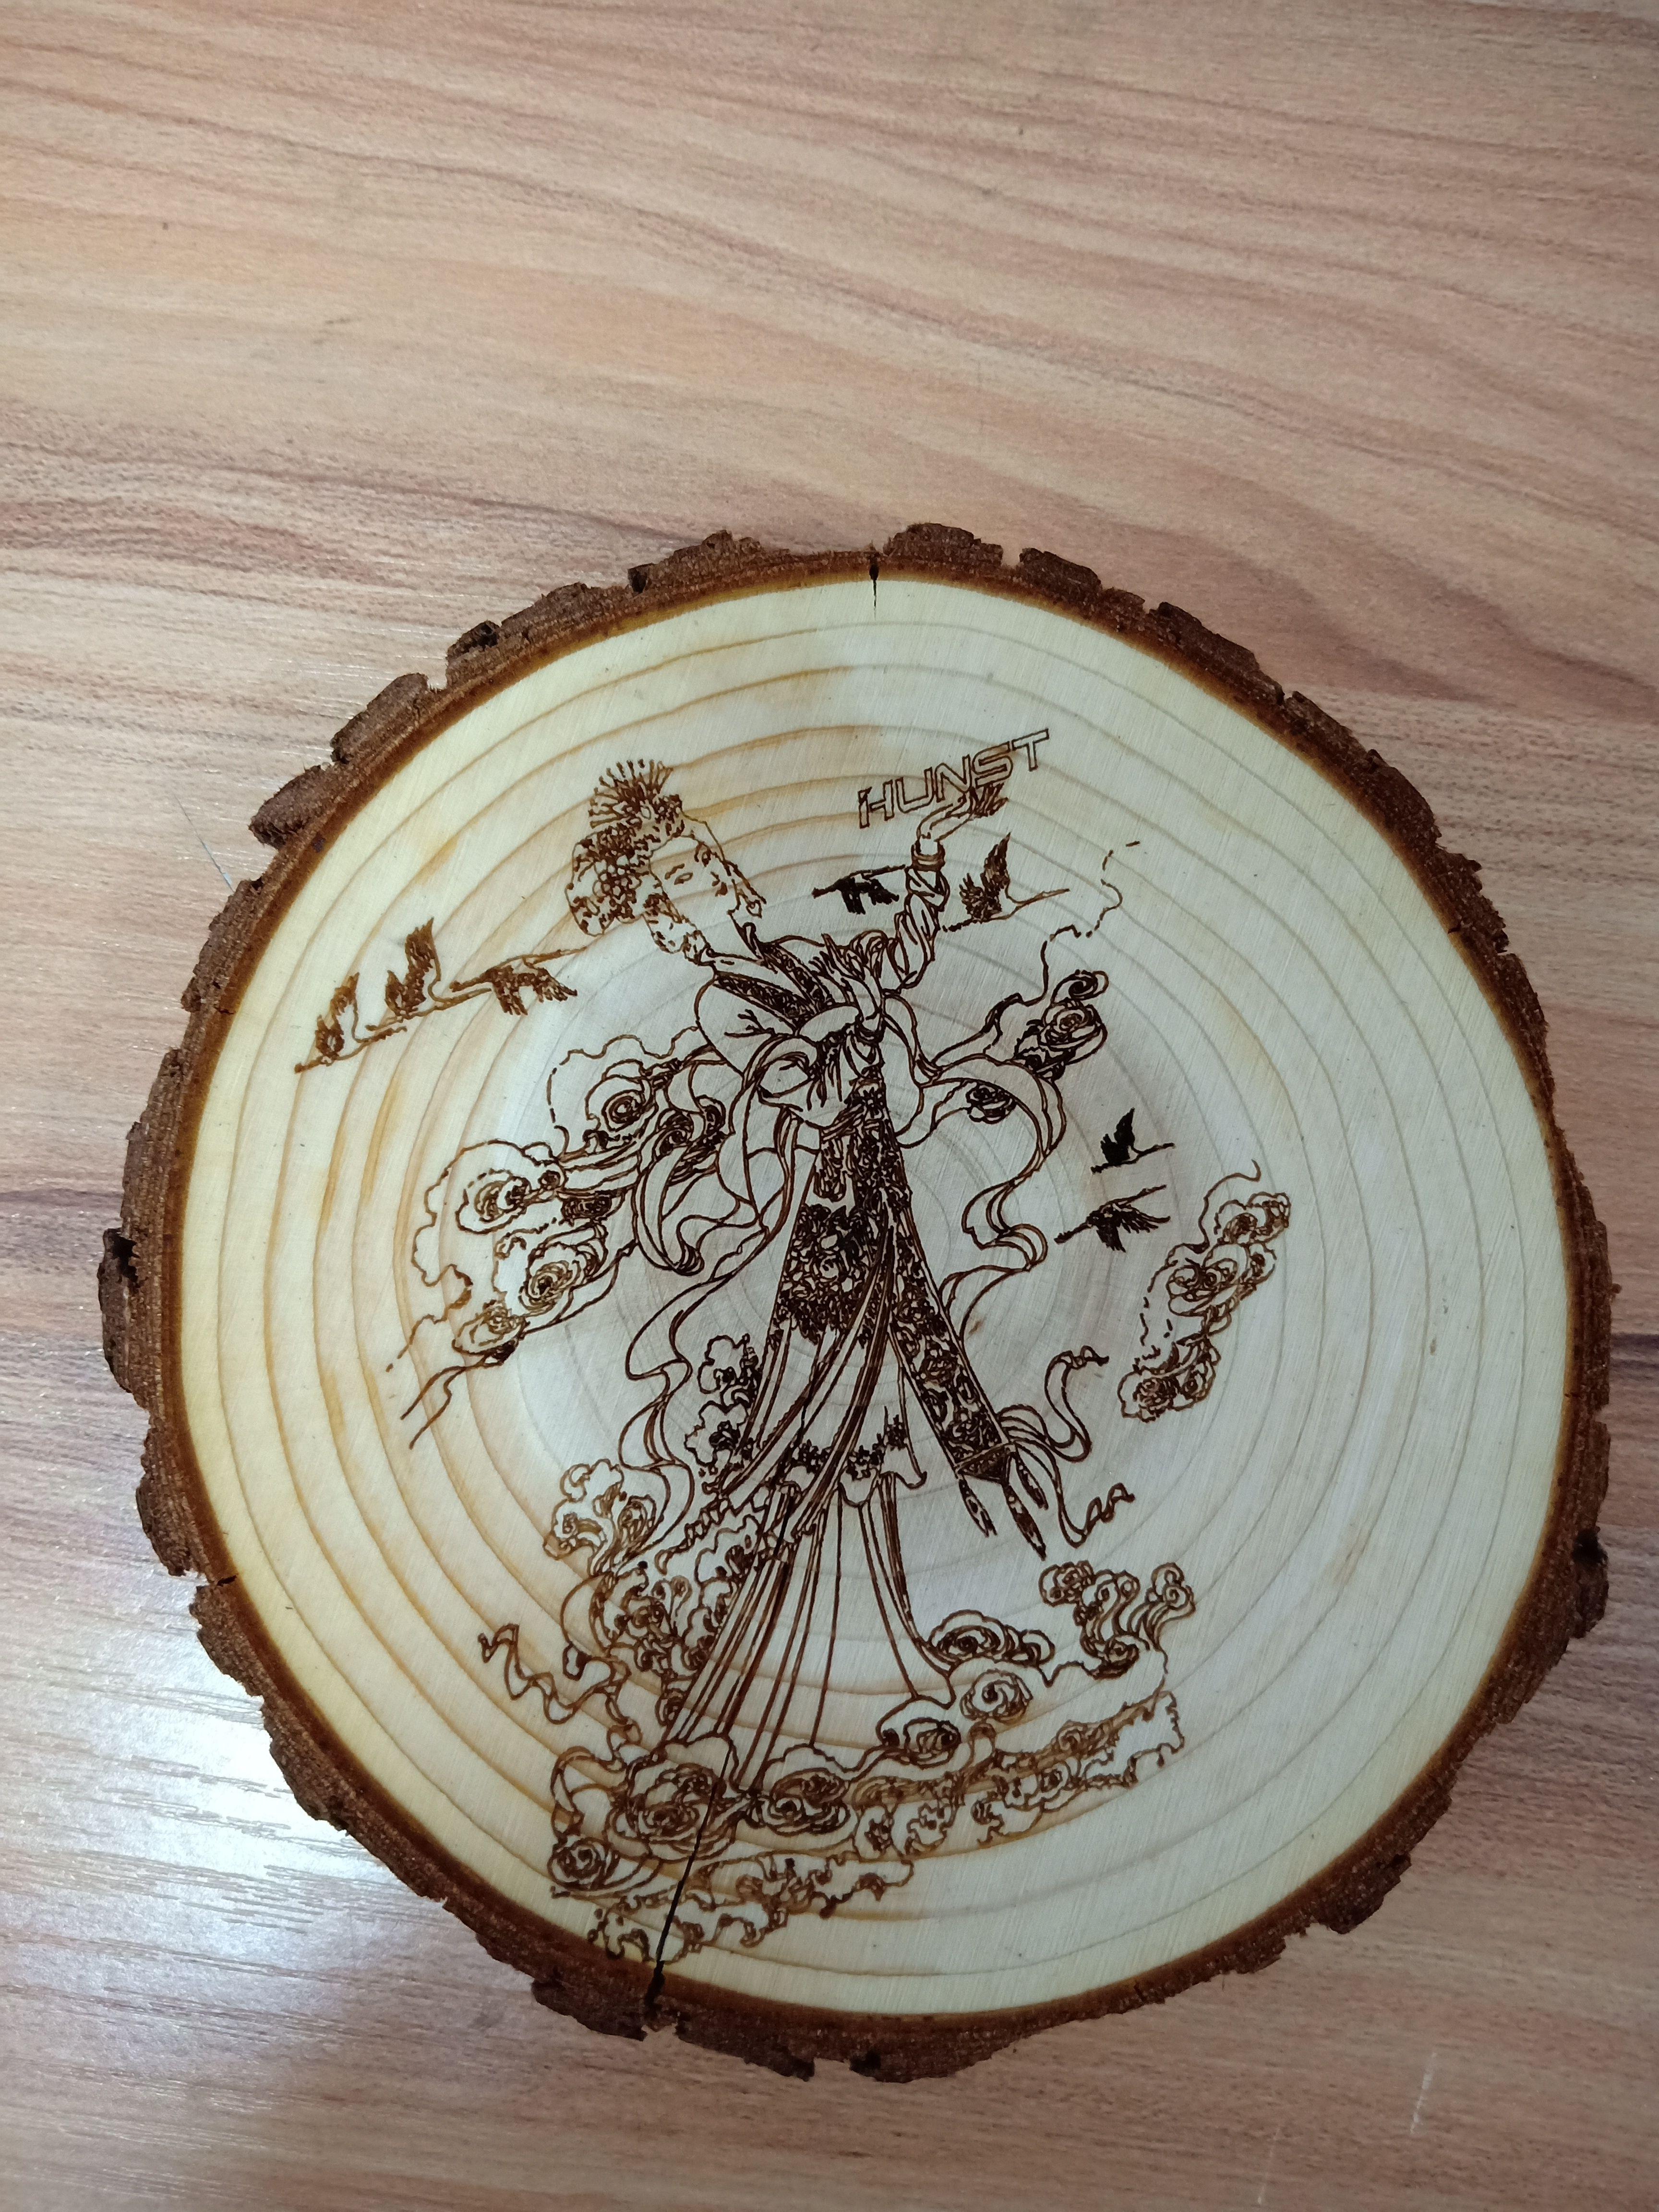 Wood laser engraving machine can make craft #wood #craft